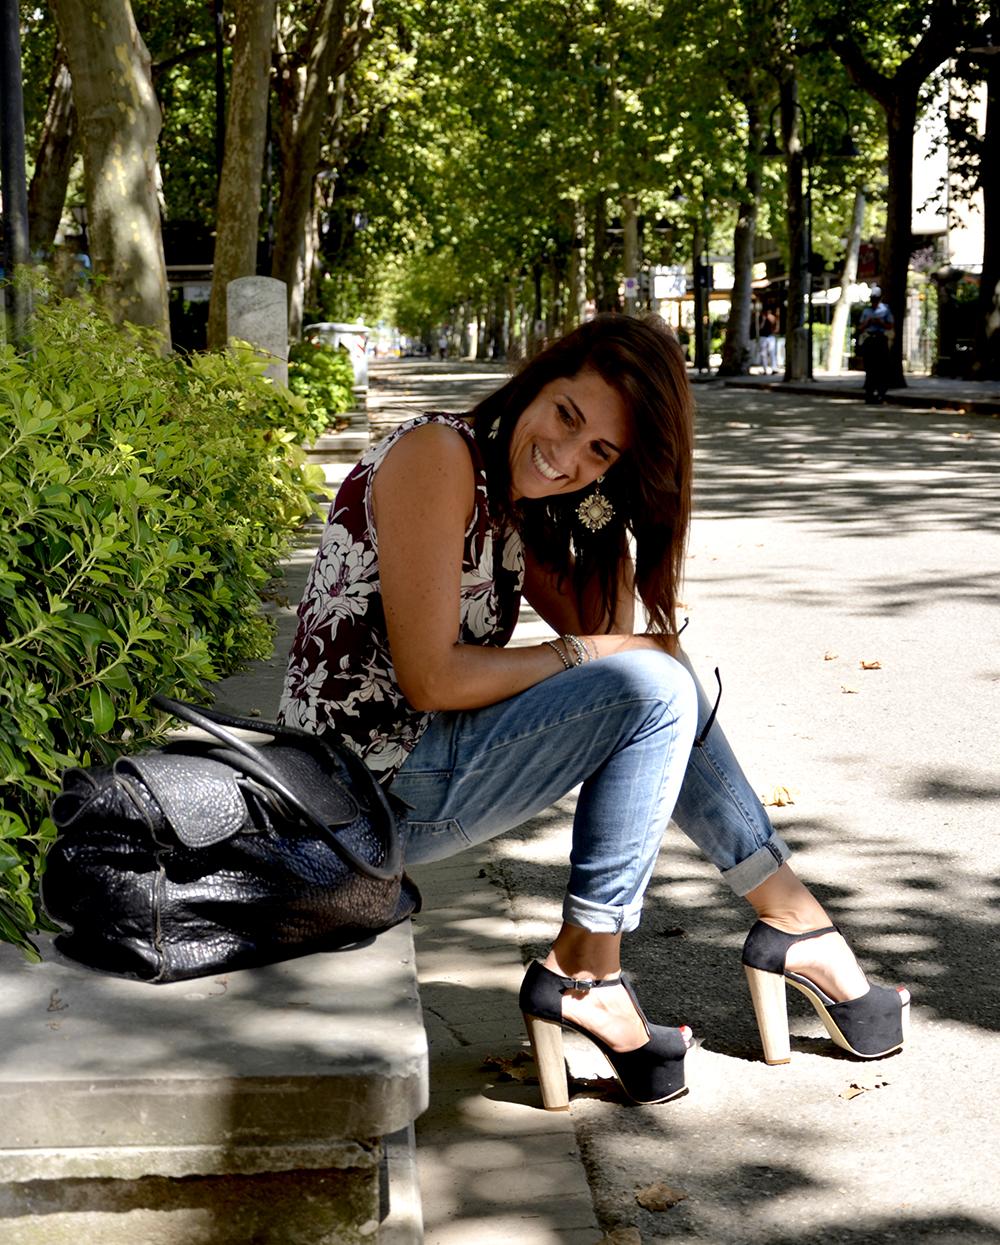 look mamma donna con jeans boy-friend zeppe top fiori zara e occhiali da sole per una passeggiata e shopping in riviera